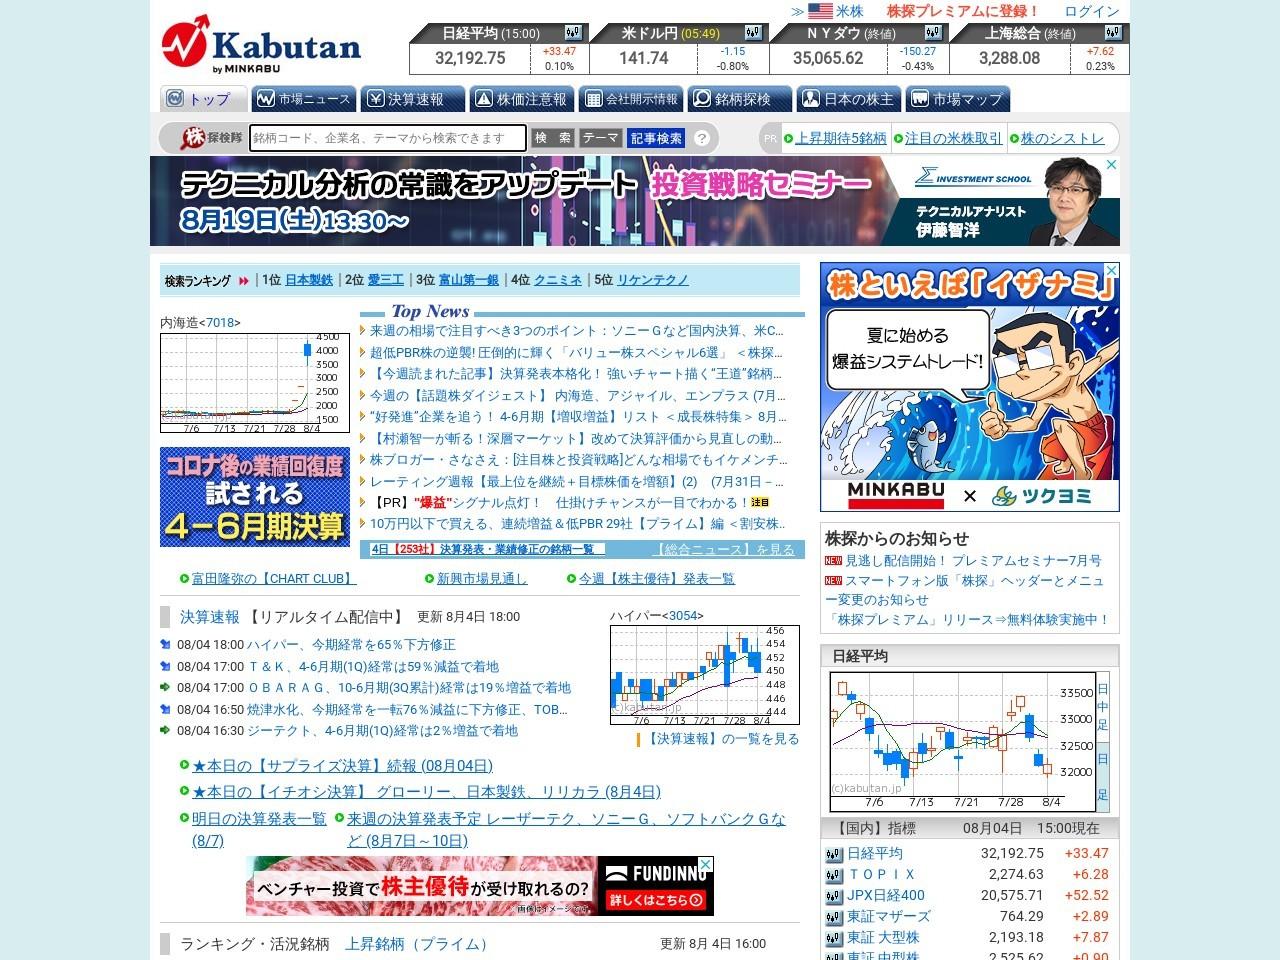 【材料】前場のランキング【寄付からの値上がり率】 (8月6日)